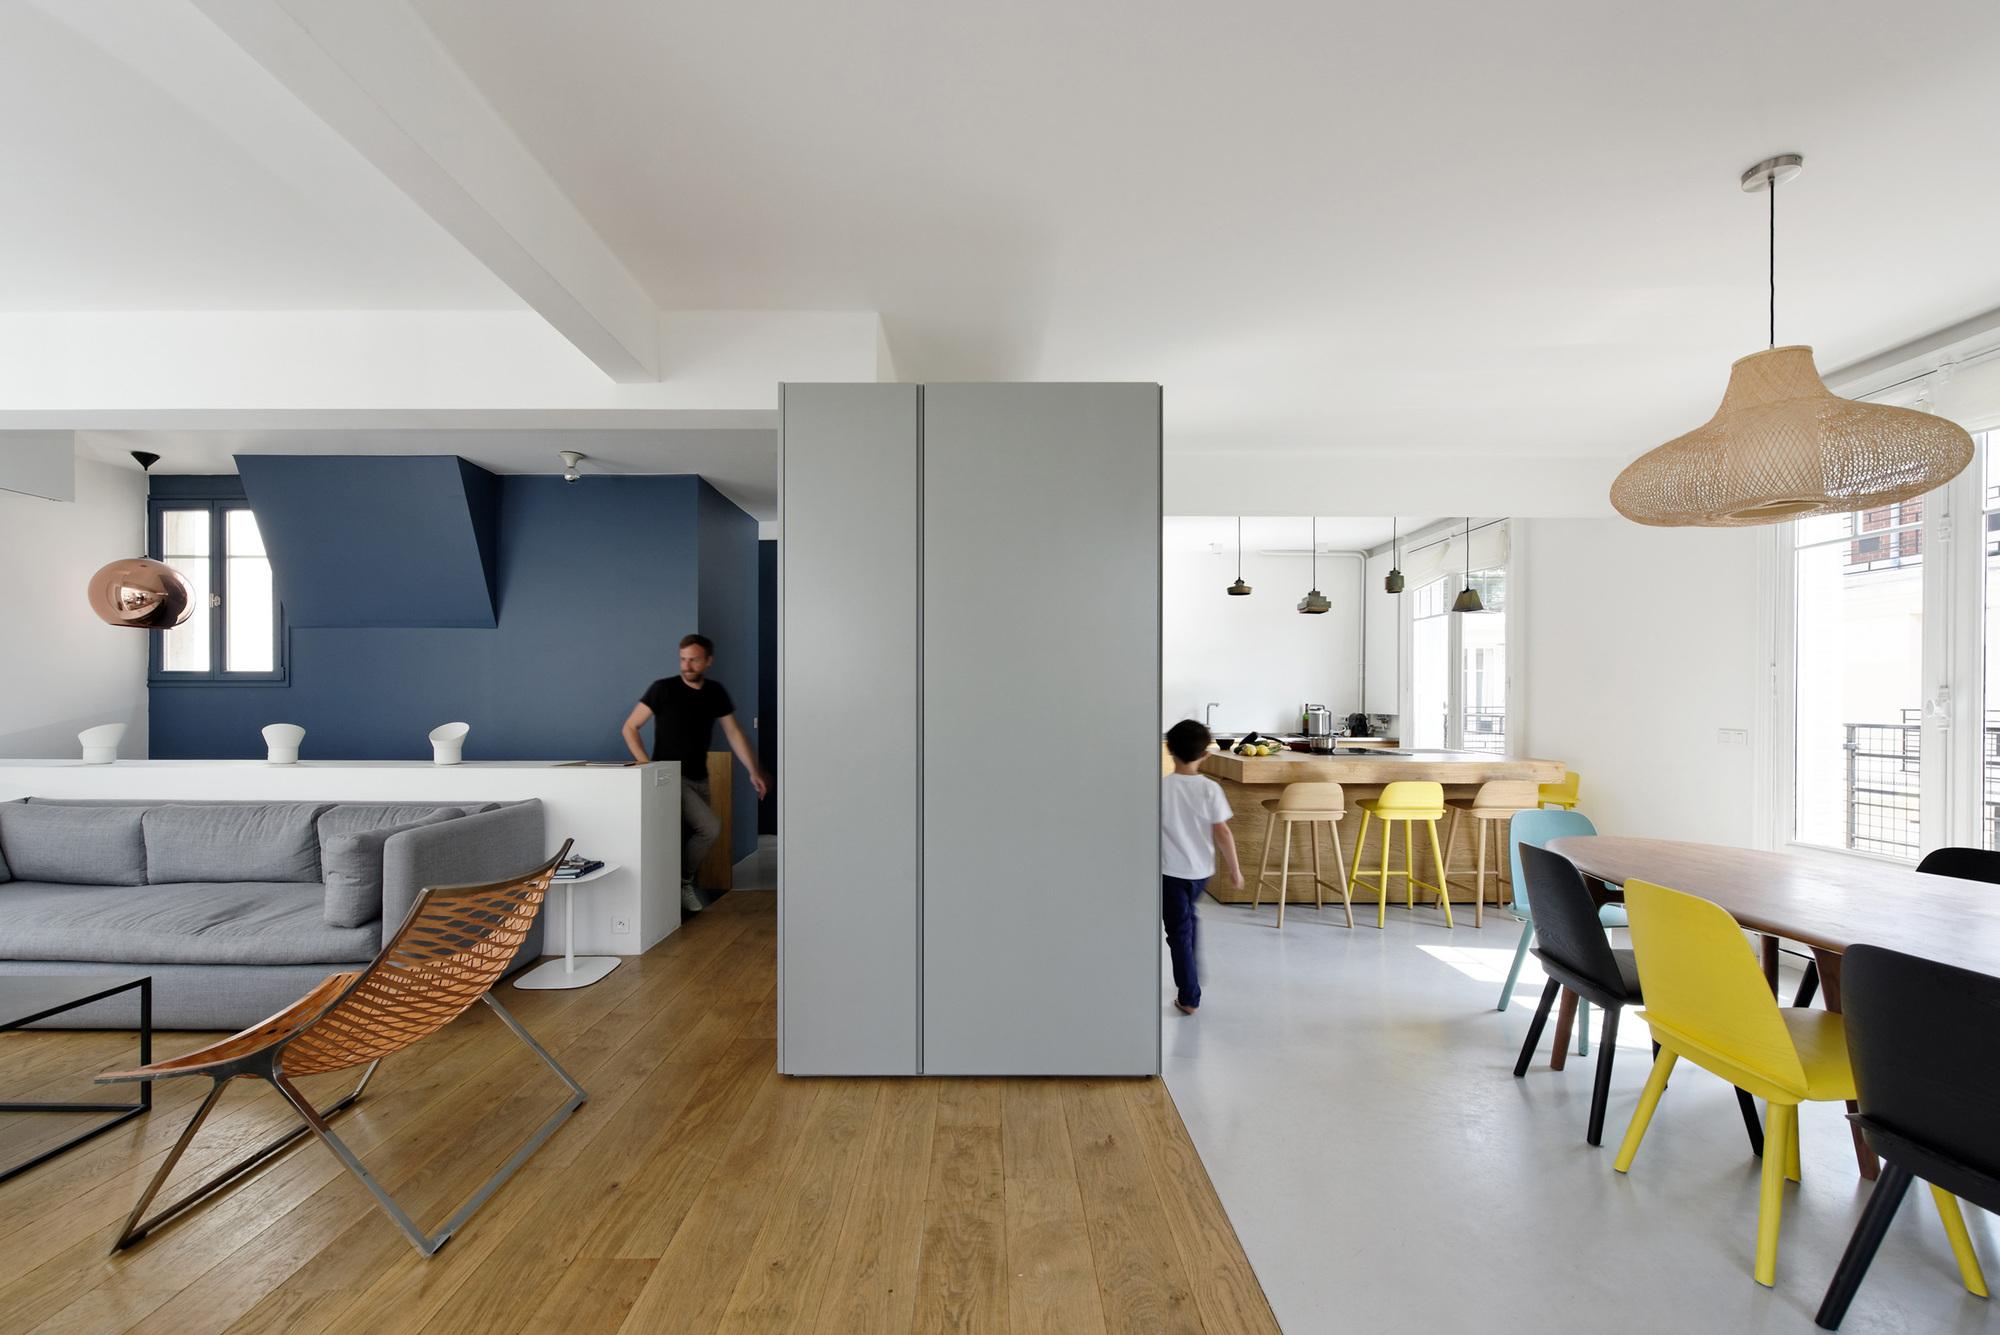 Duplex paris 16 ulli heckmann eitan hammer archdaily for Meine wohnung click design download